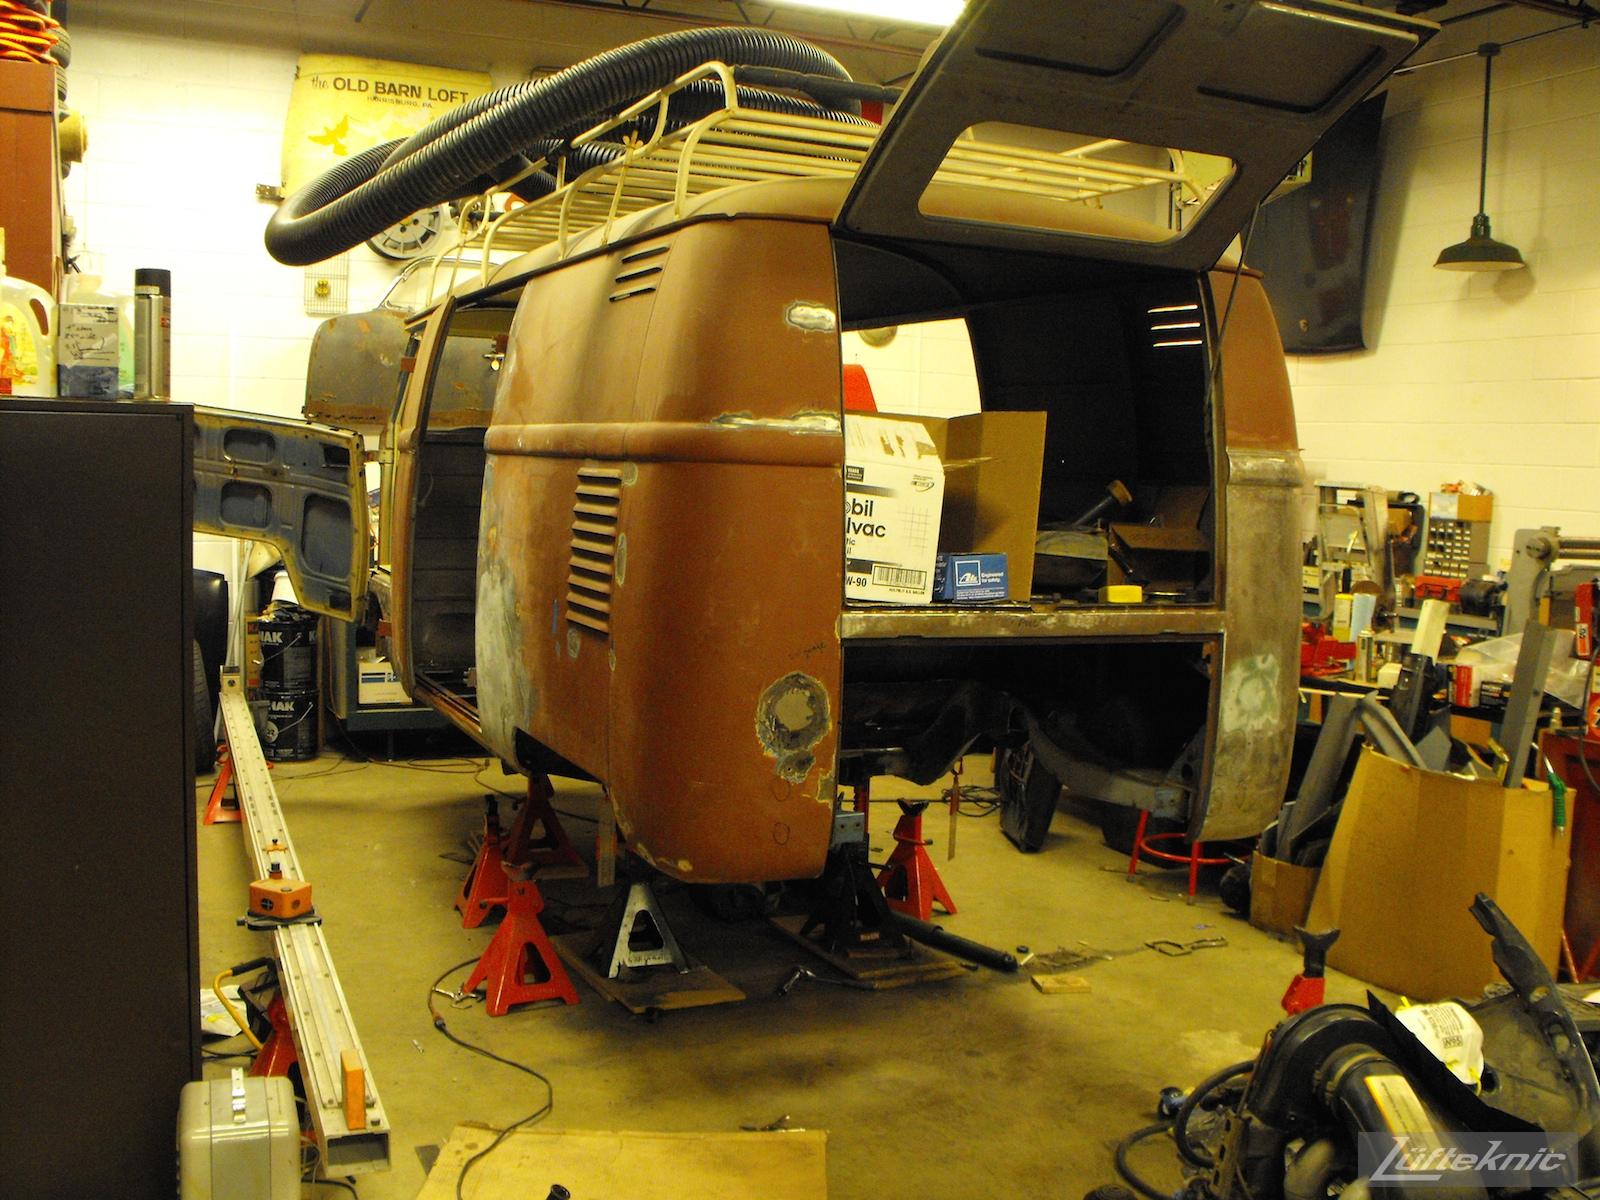 1956 Volkswagen double panel Transporter Porsche Bus trial fit of 3.2 Carrera engine.